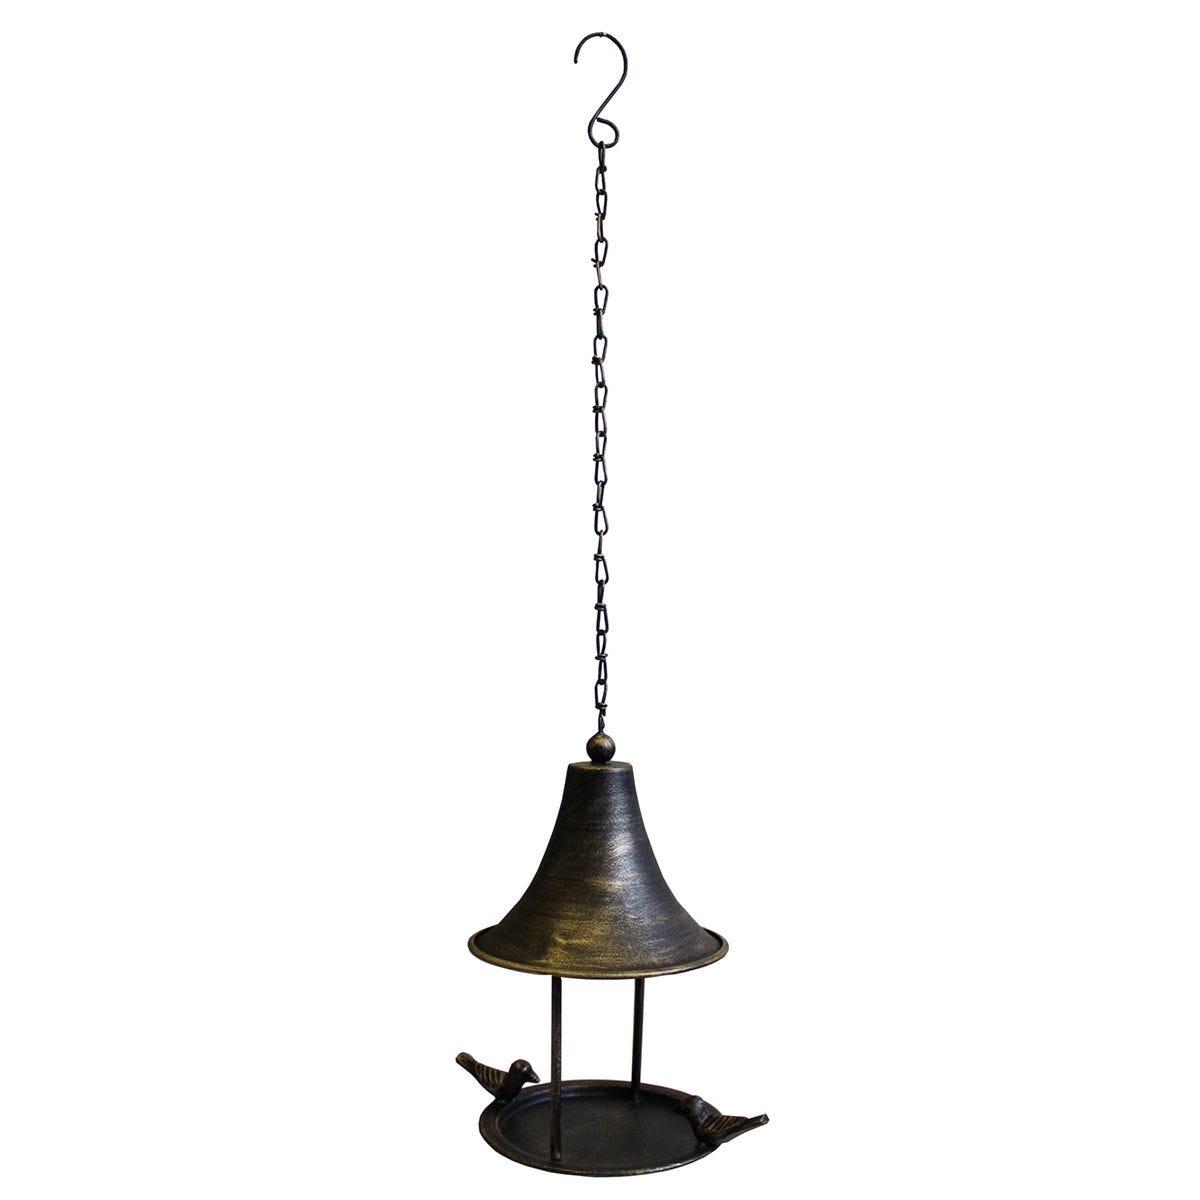 Mansion Garden Hanging Bird Feeder